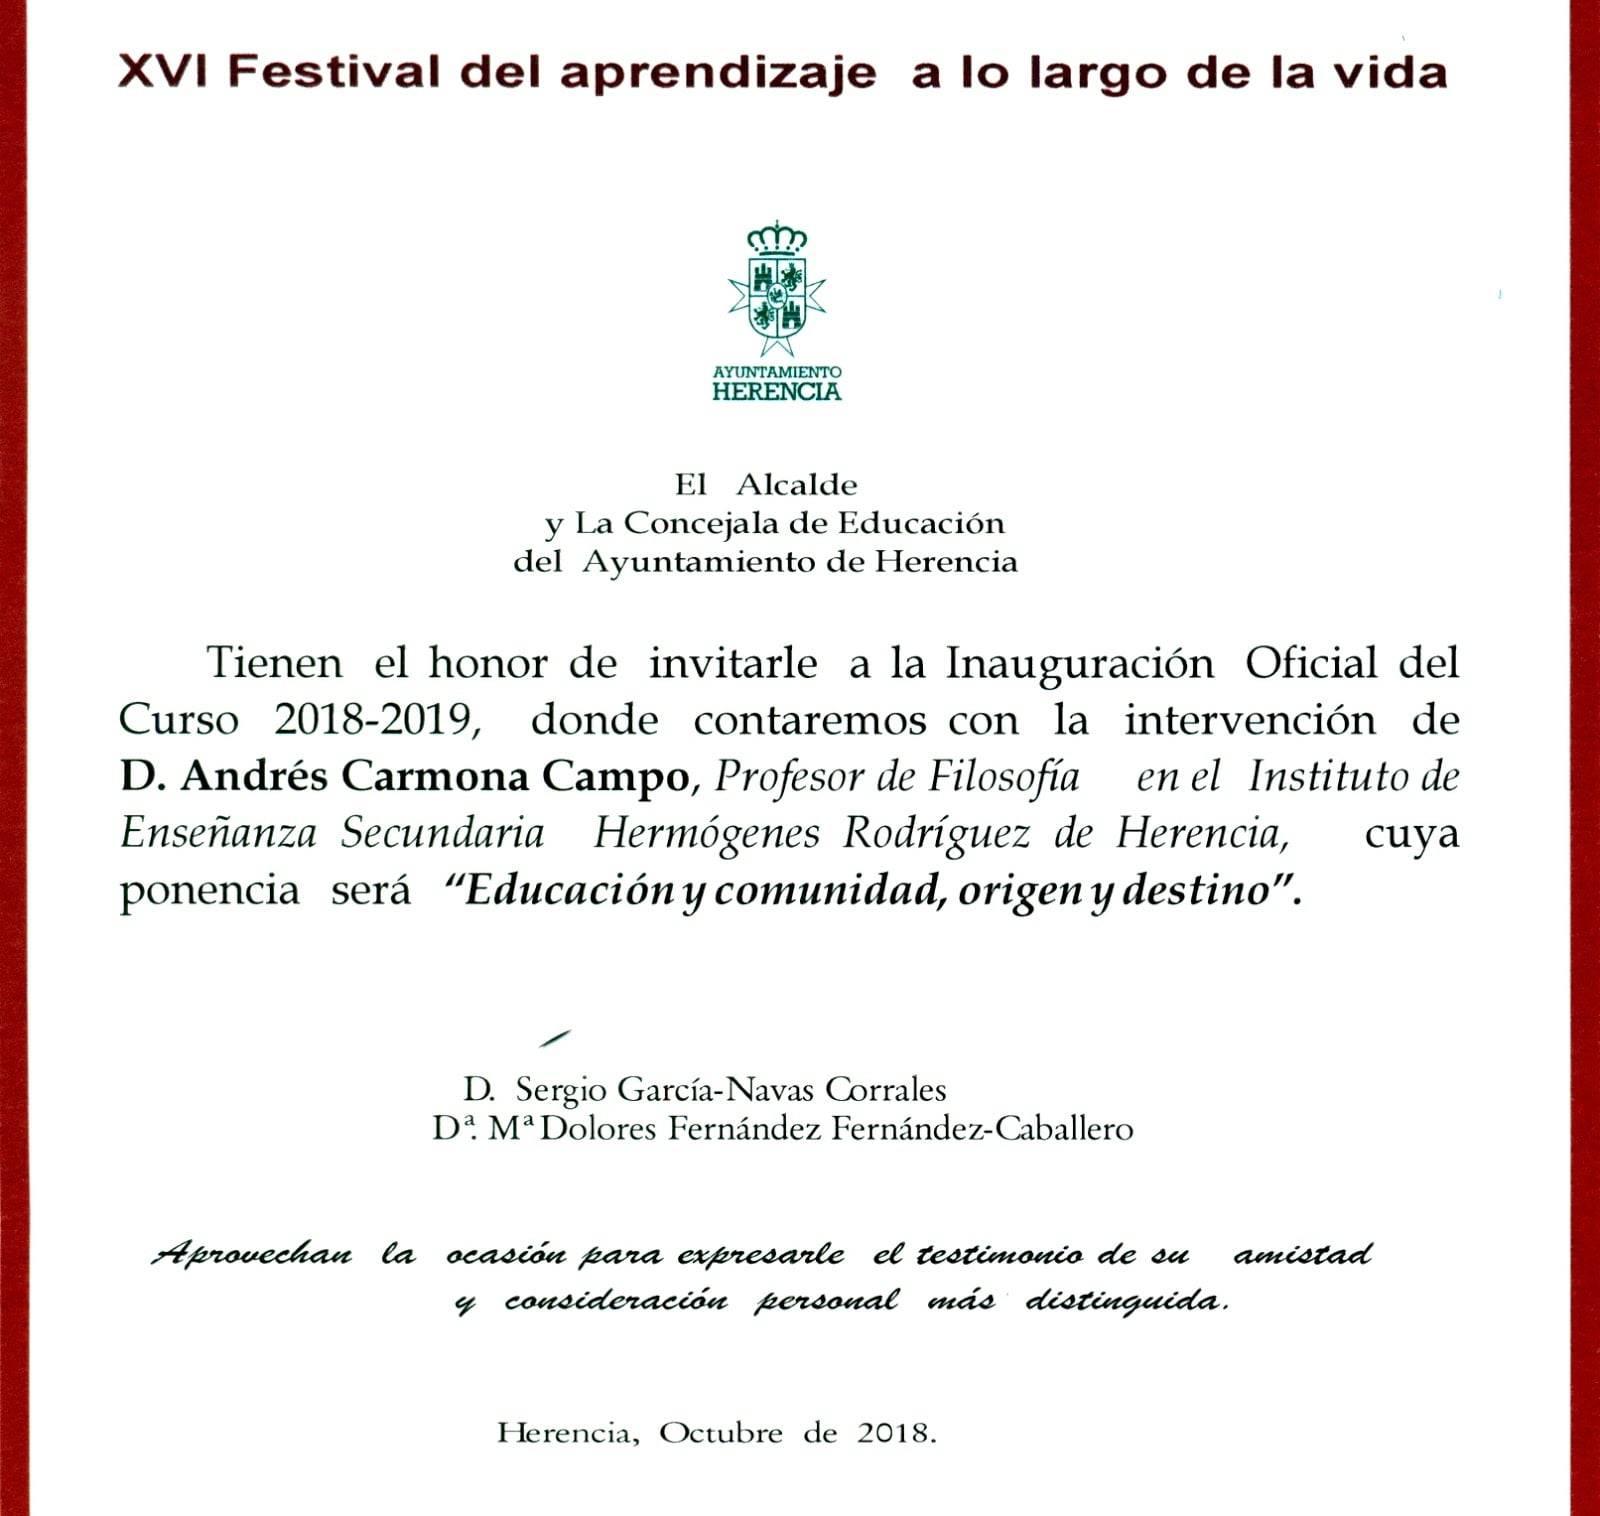 Acto de inauguración oficial del Curso 2018-2019 2